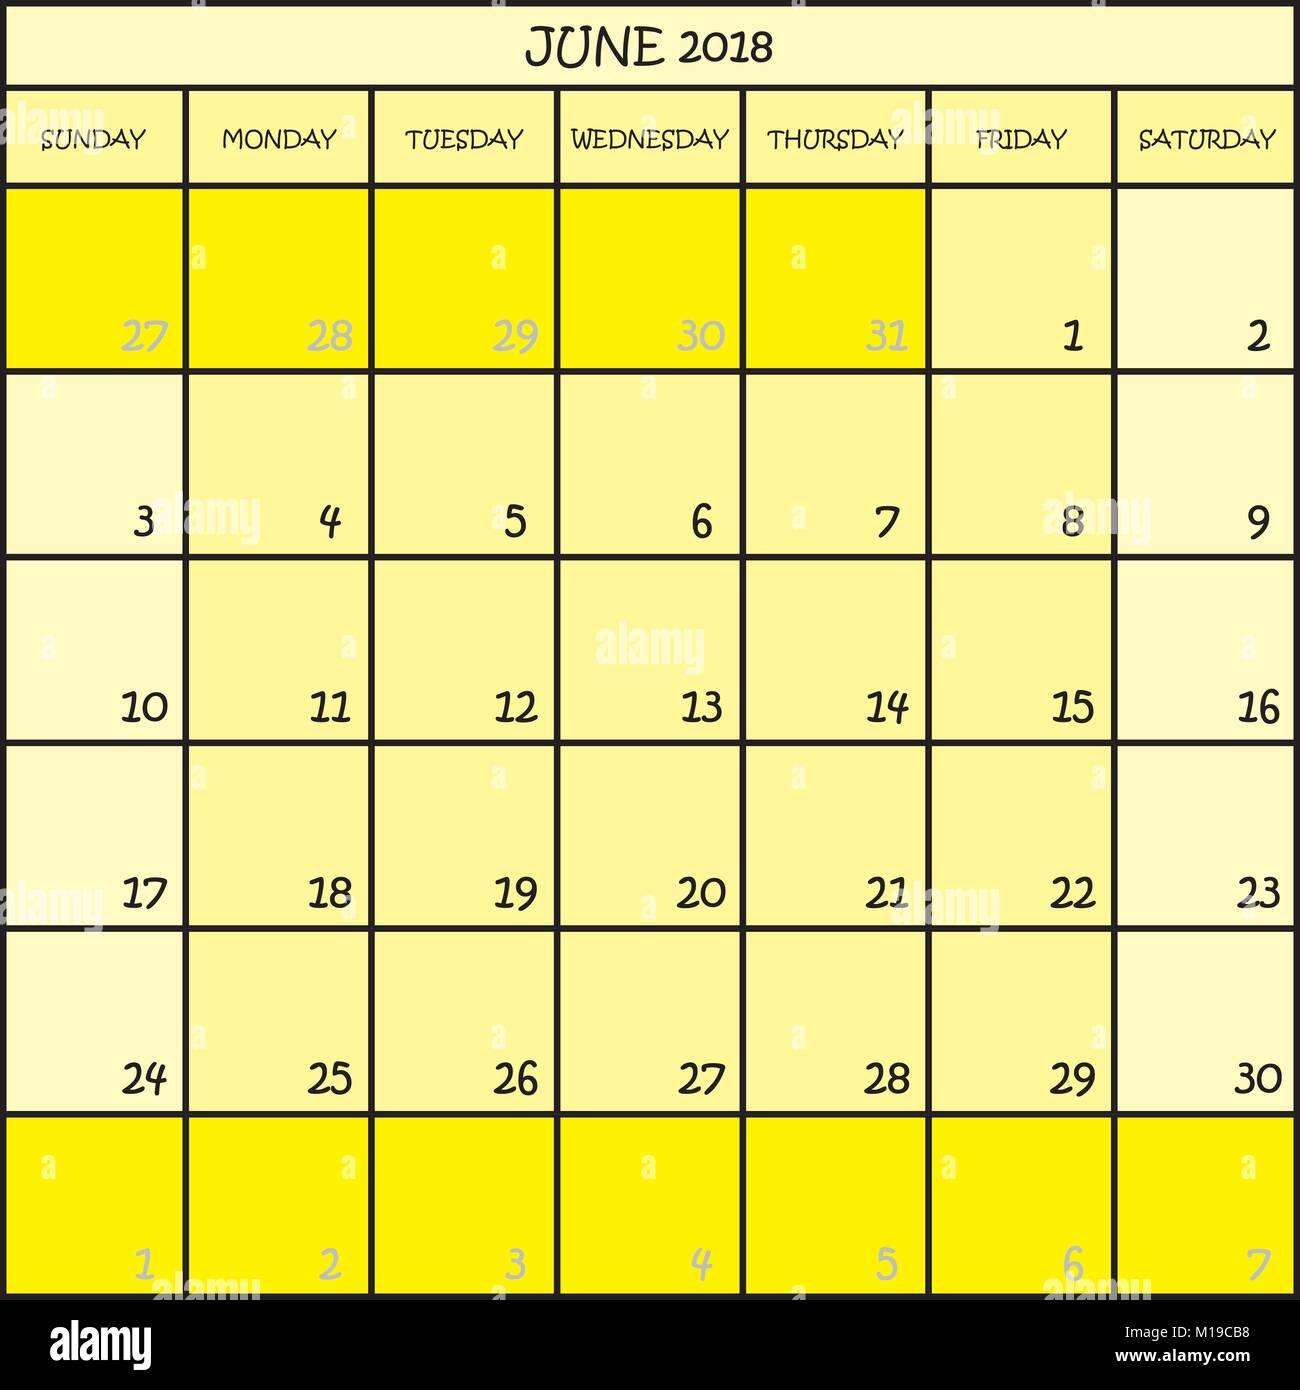 Calendario Mese Giugno.Pianificatore Di Calendario Mese Giugno 2018 In Tre Tonalita